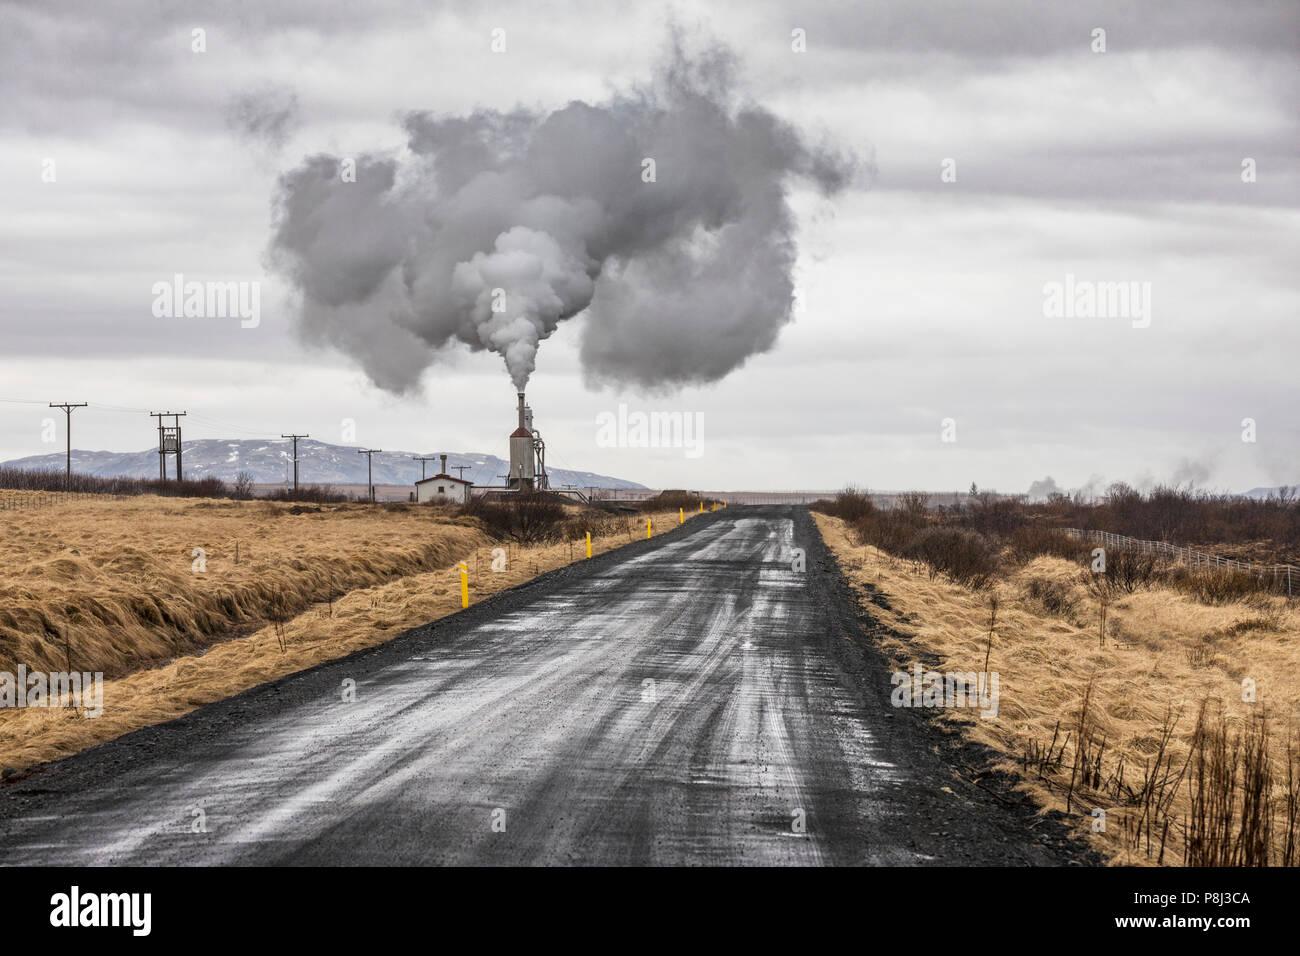 La estación de energía geotérmica en Islandia cerca de Reykjavik Imagen De Stock